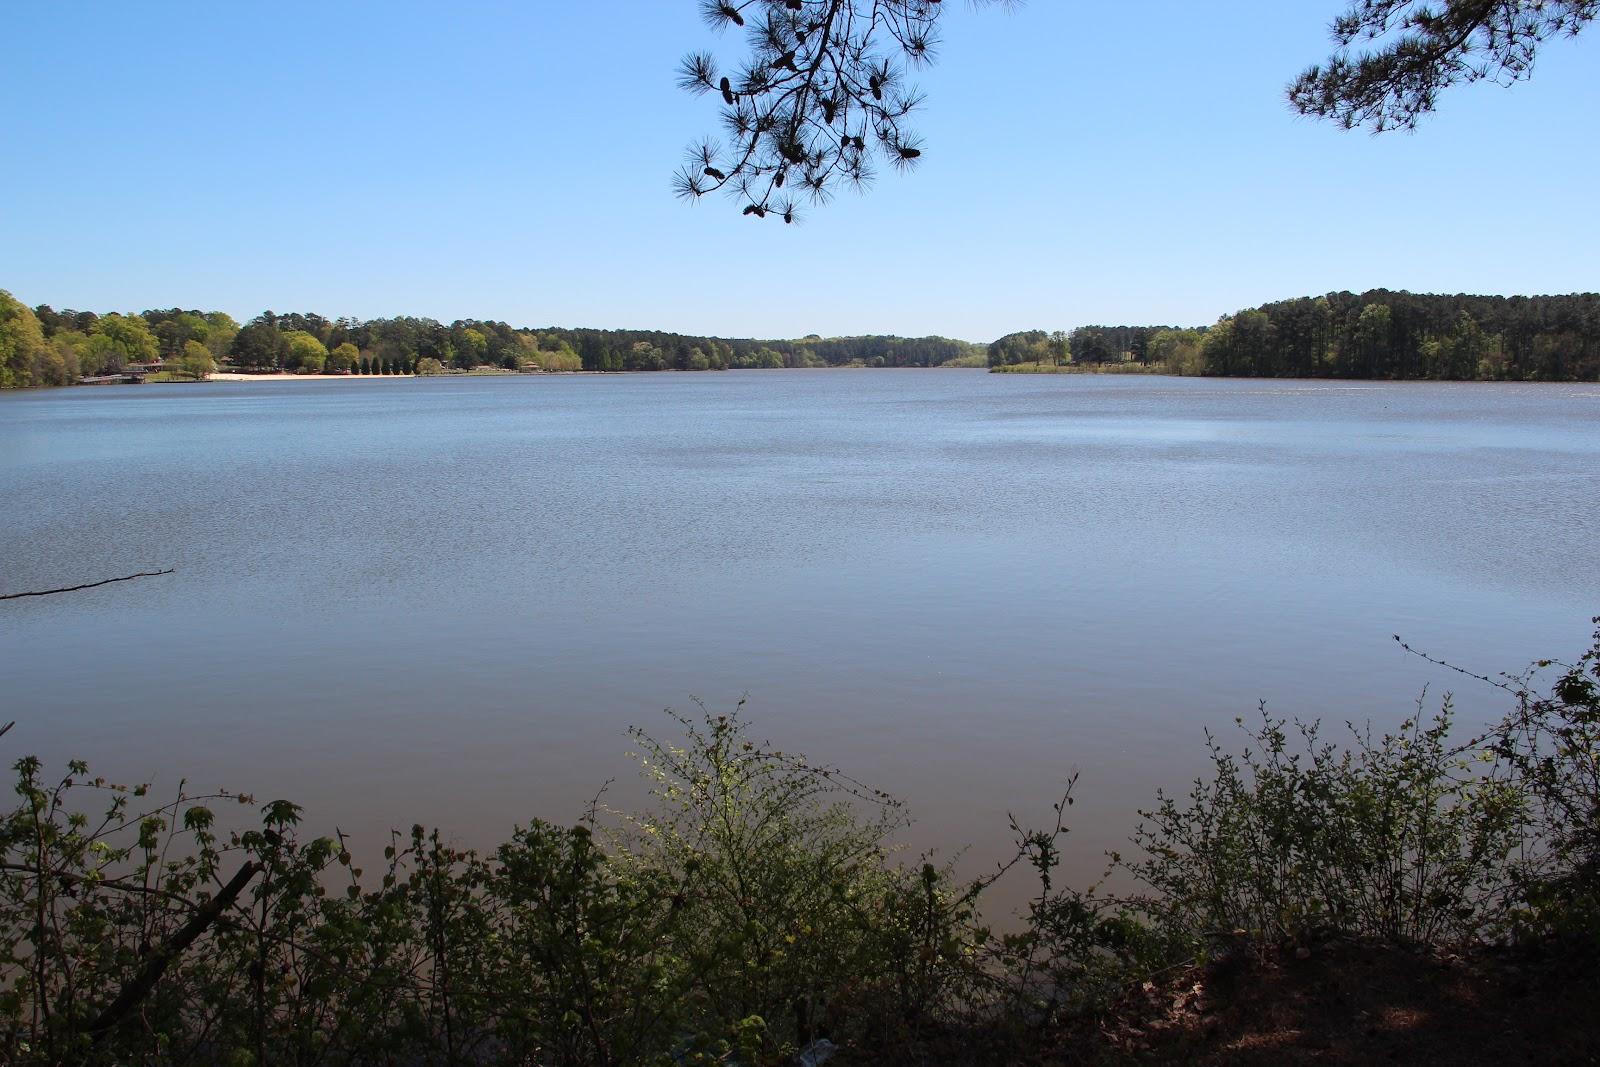 Calm pond against blue sky and foliage